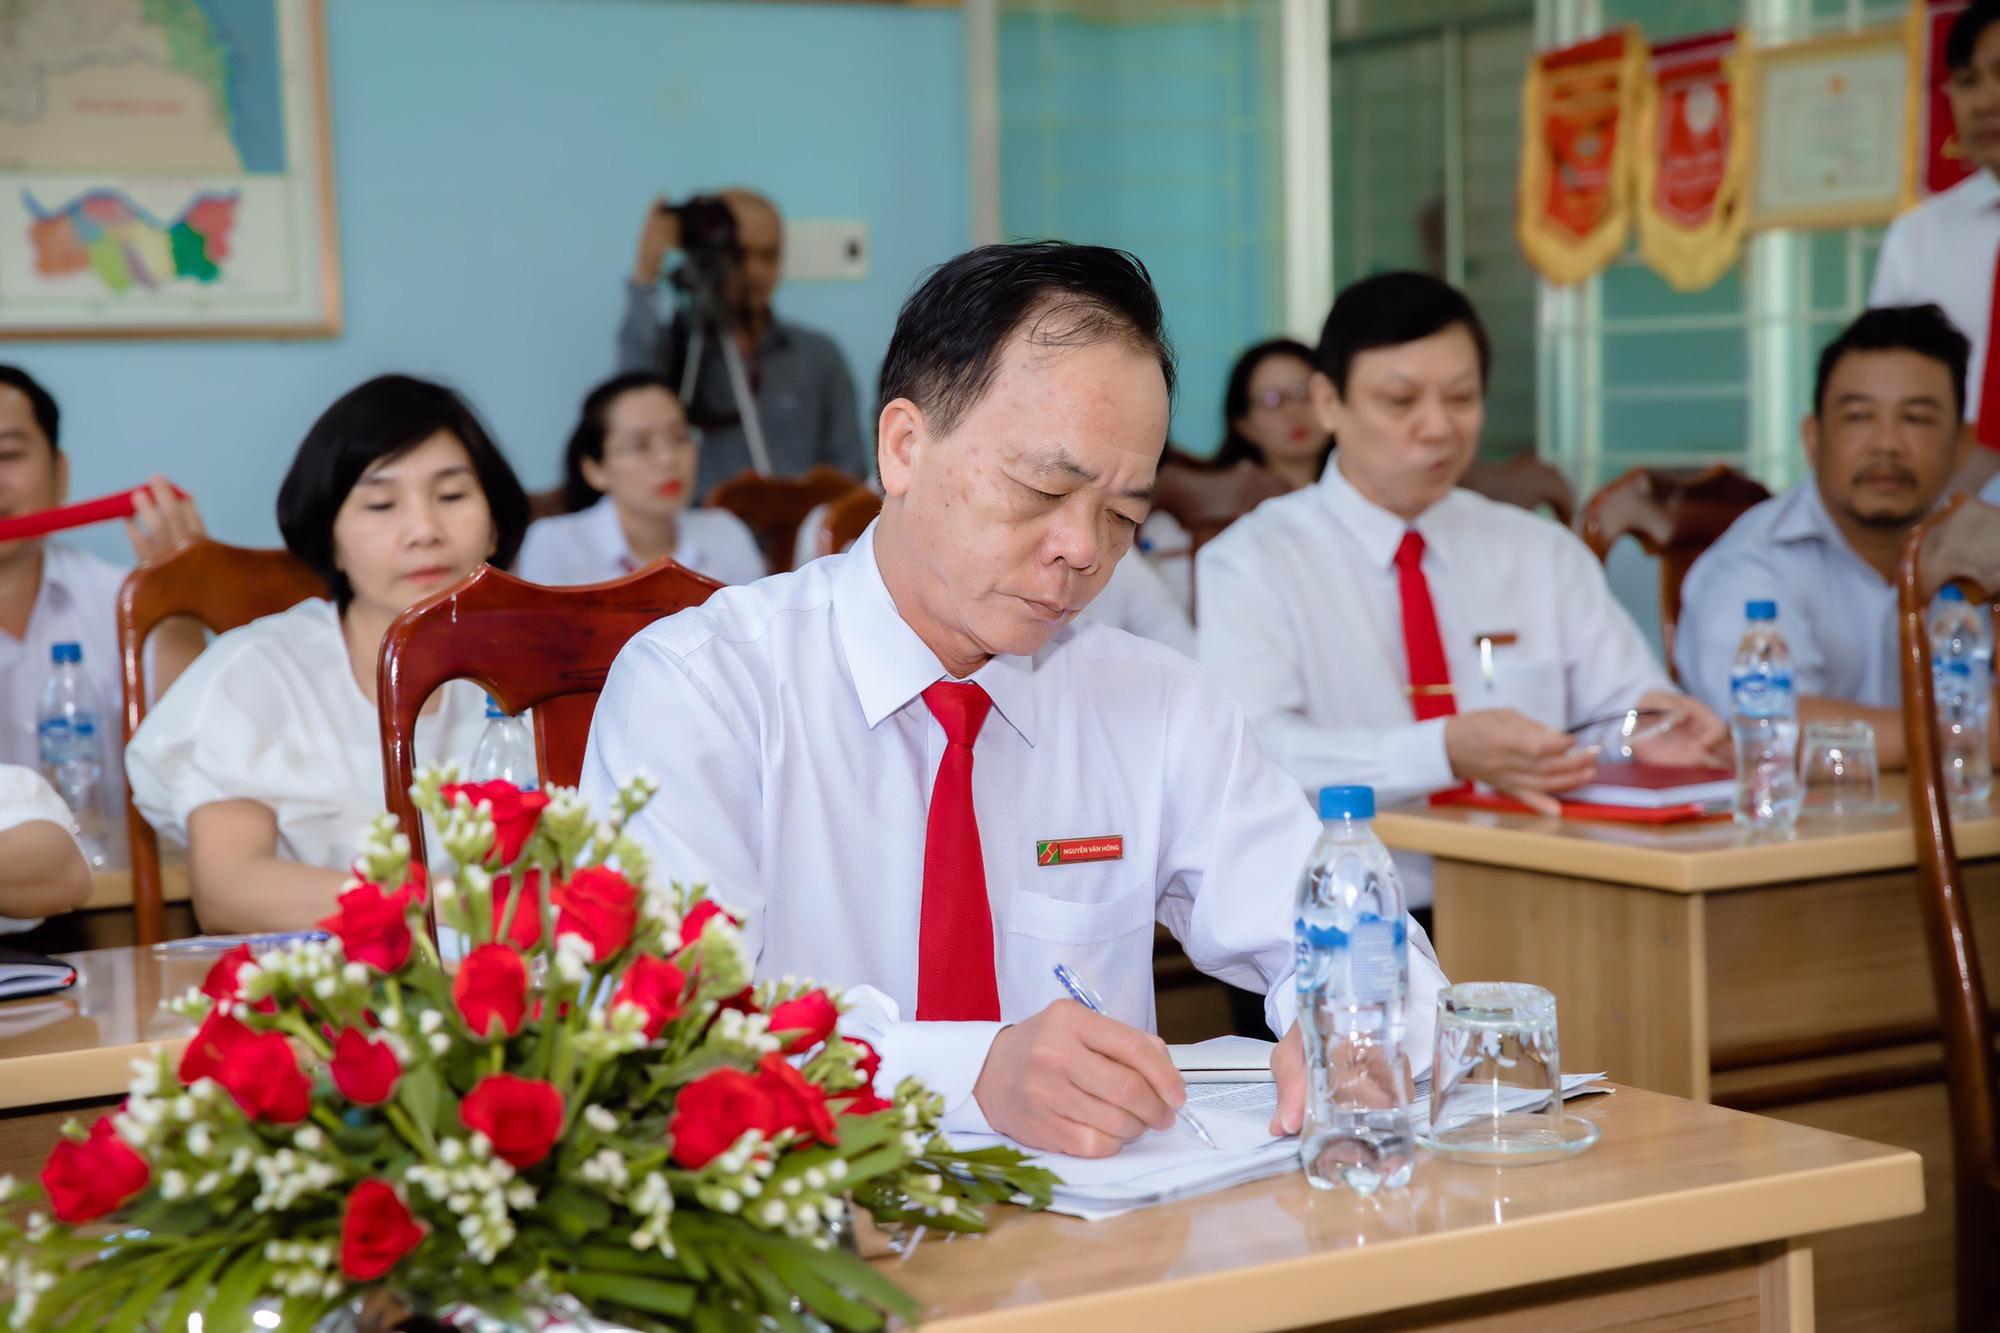 Quảng Ngãi: Hội nghị các giải pháp trọng tâm về chính sách phối hợp giữa Hội nông dân – Agribank – Hội LHPN  - Ảnh 3.